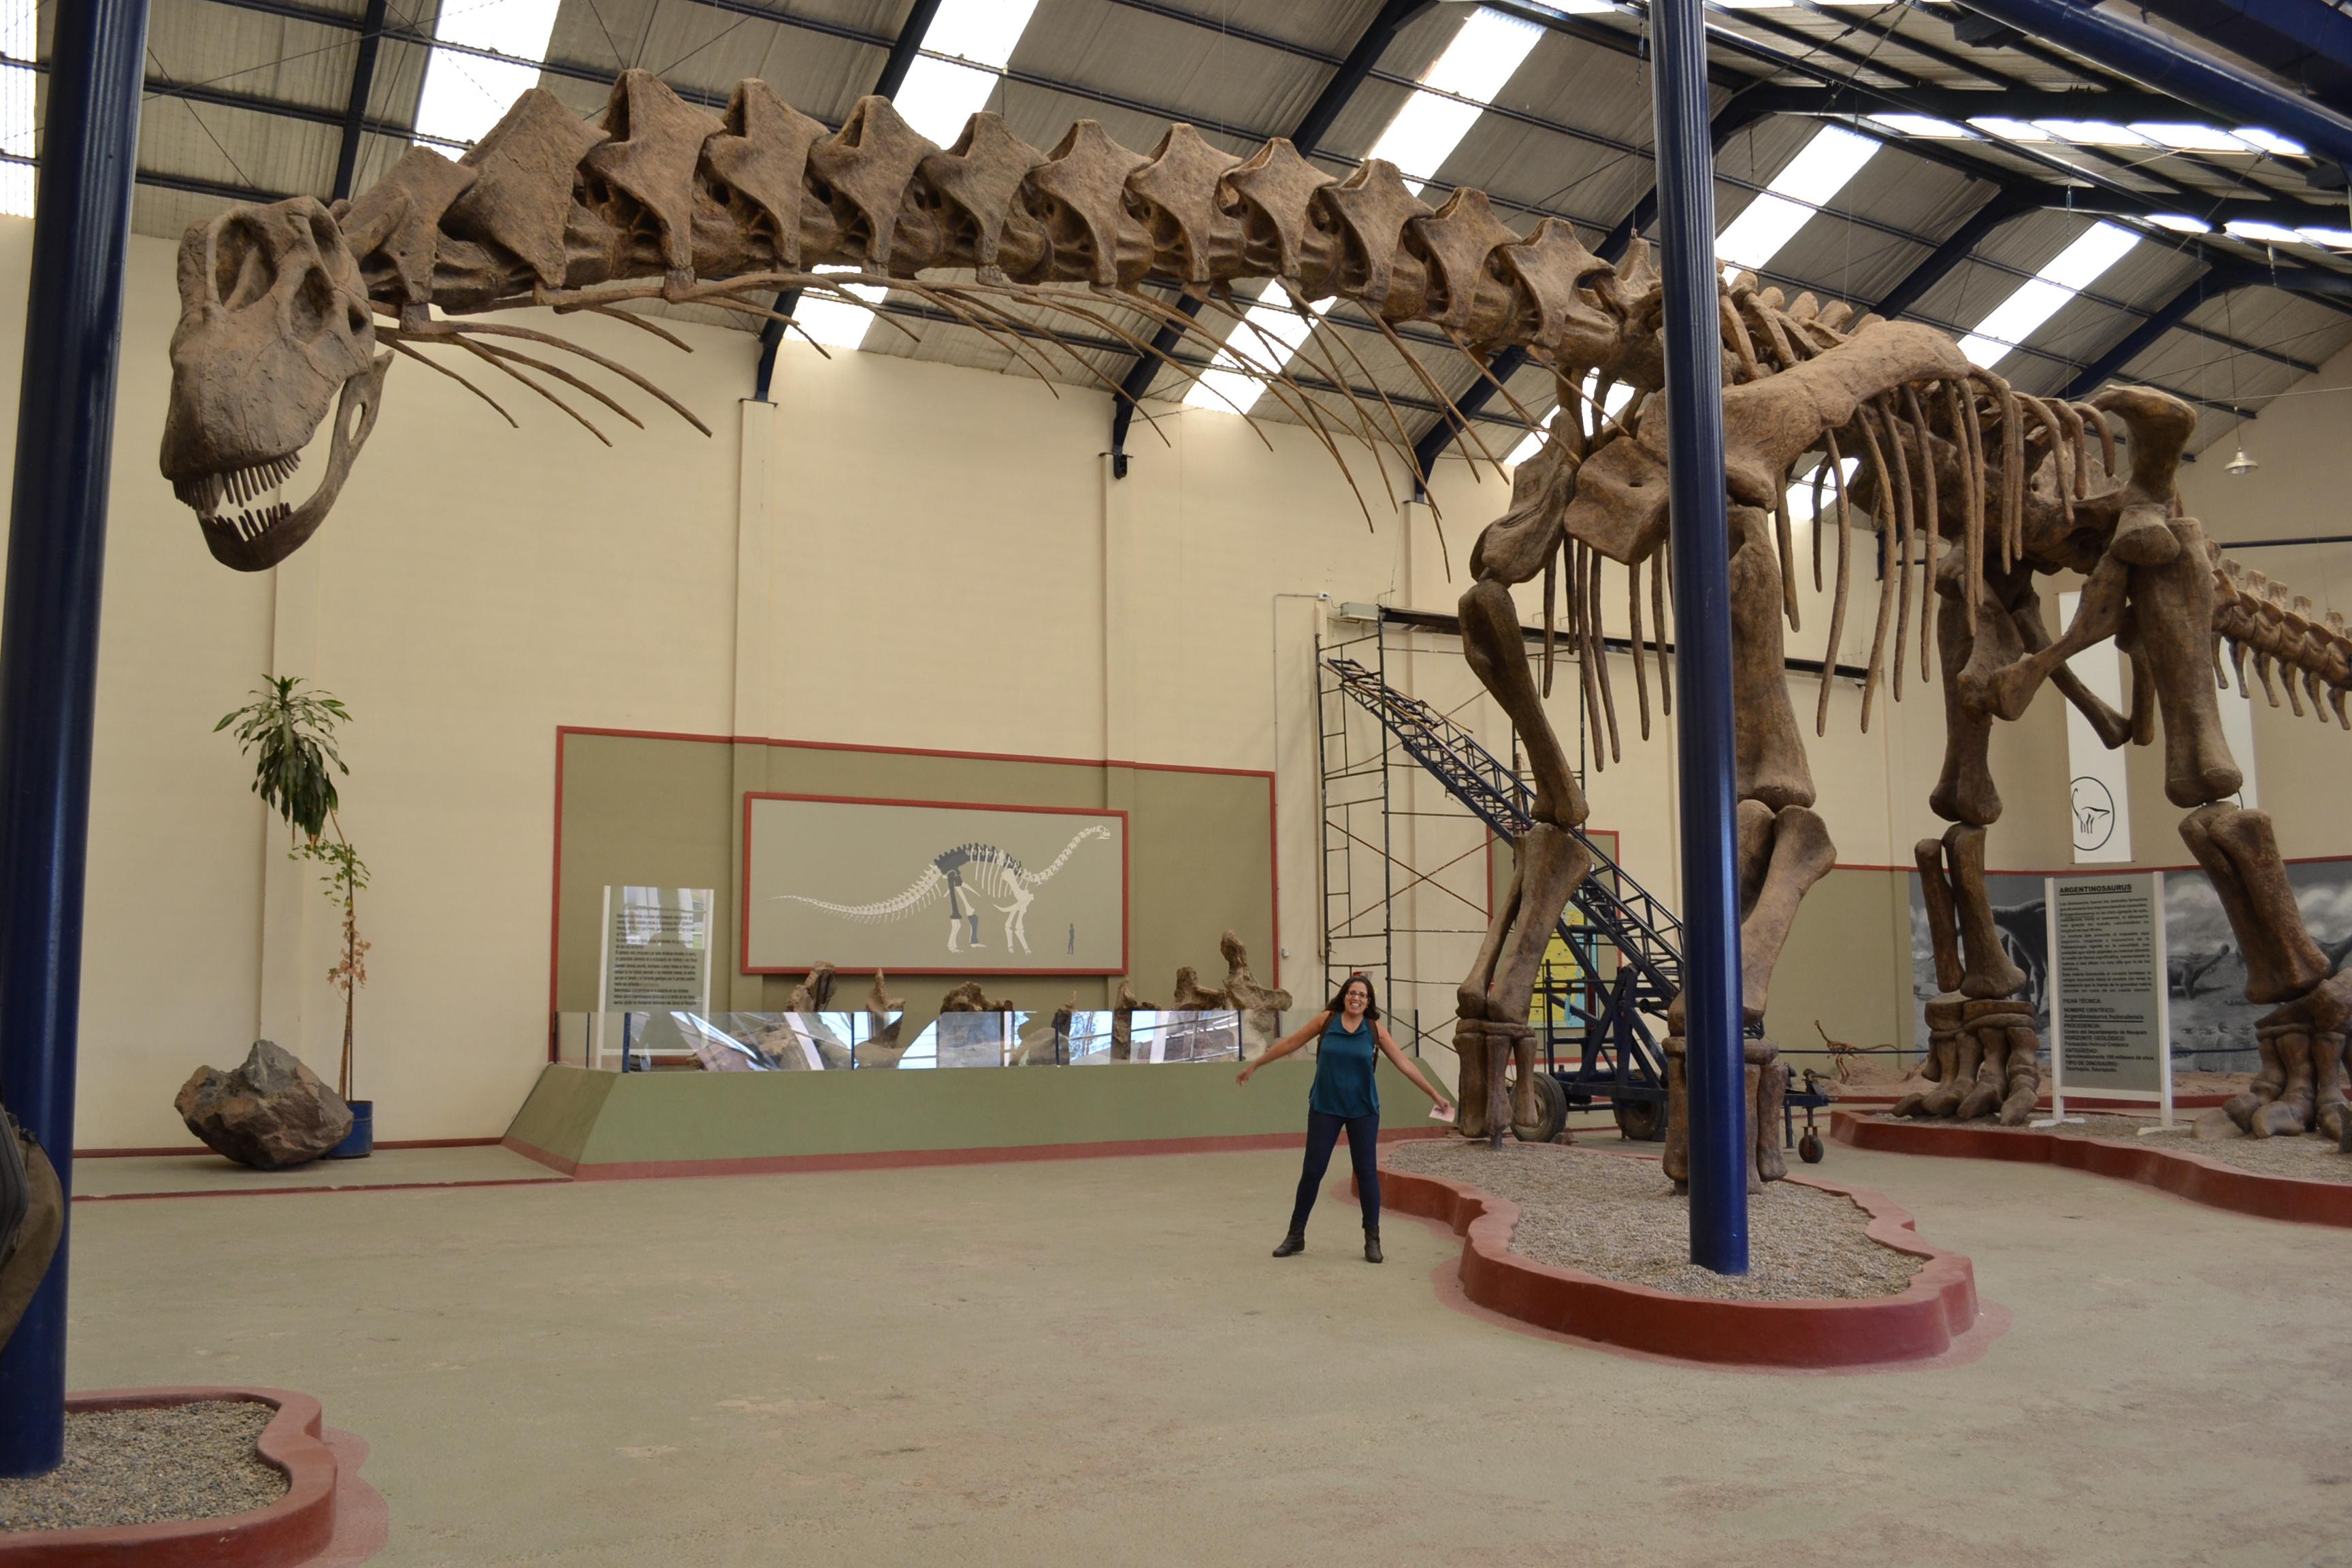 http://dinosaurs.afly.ru/ii/z/argentinosaurus-skelet-1.jpg